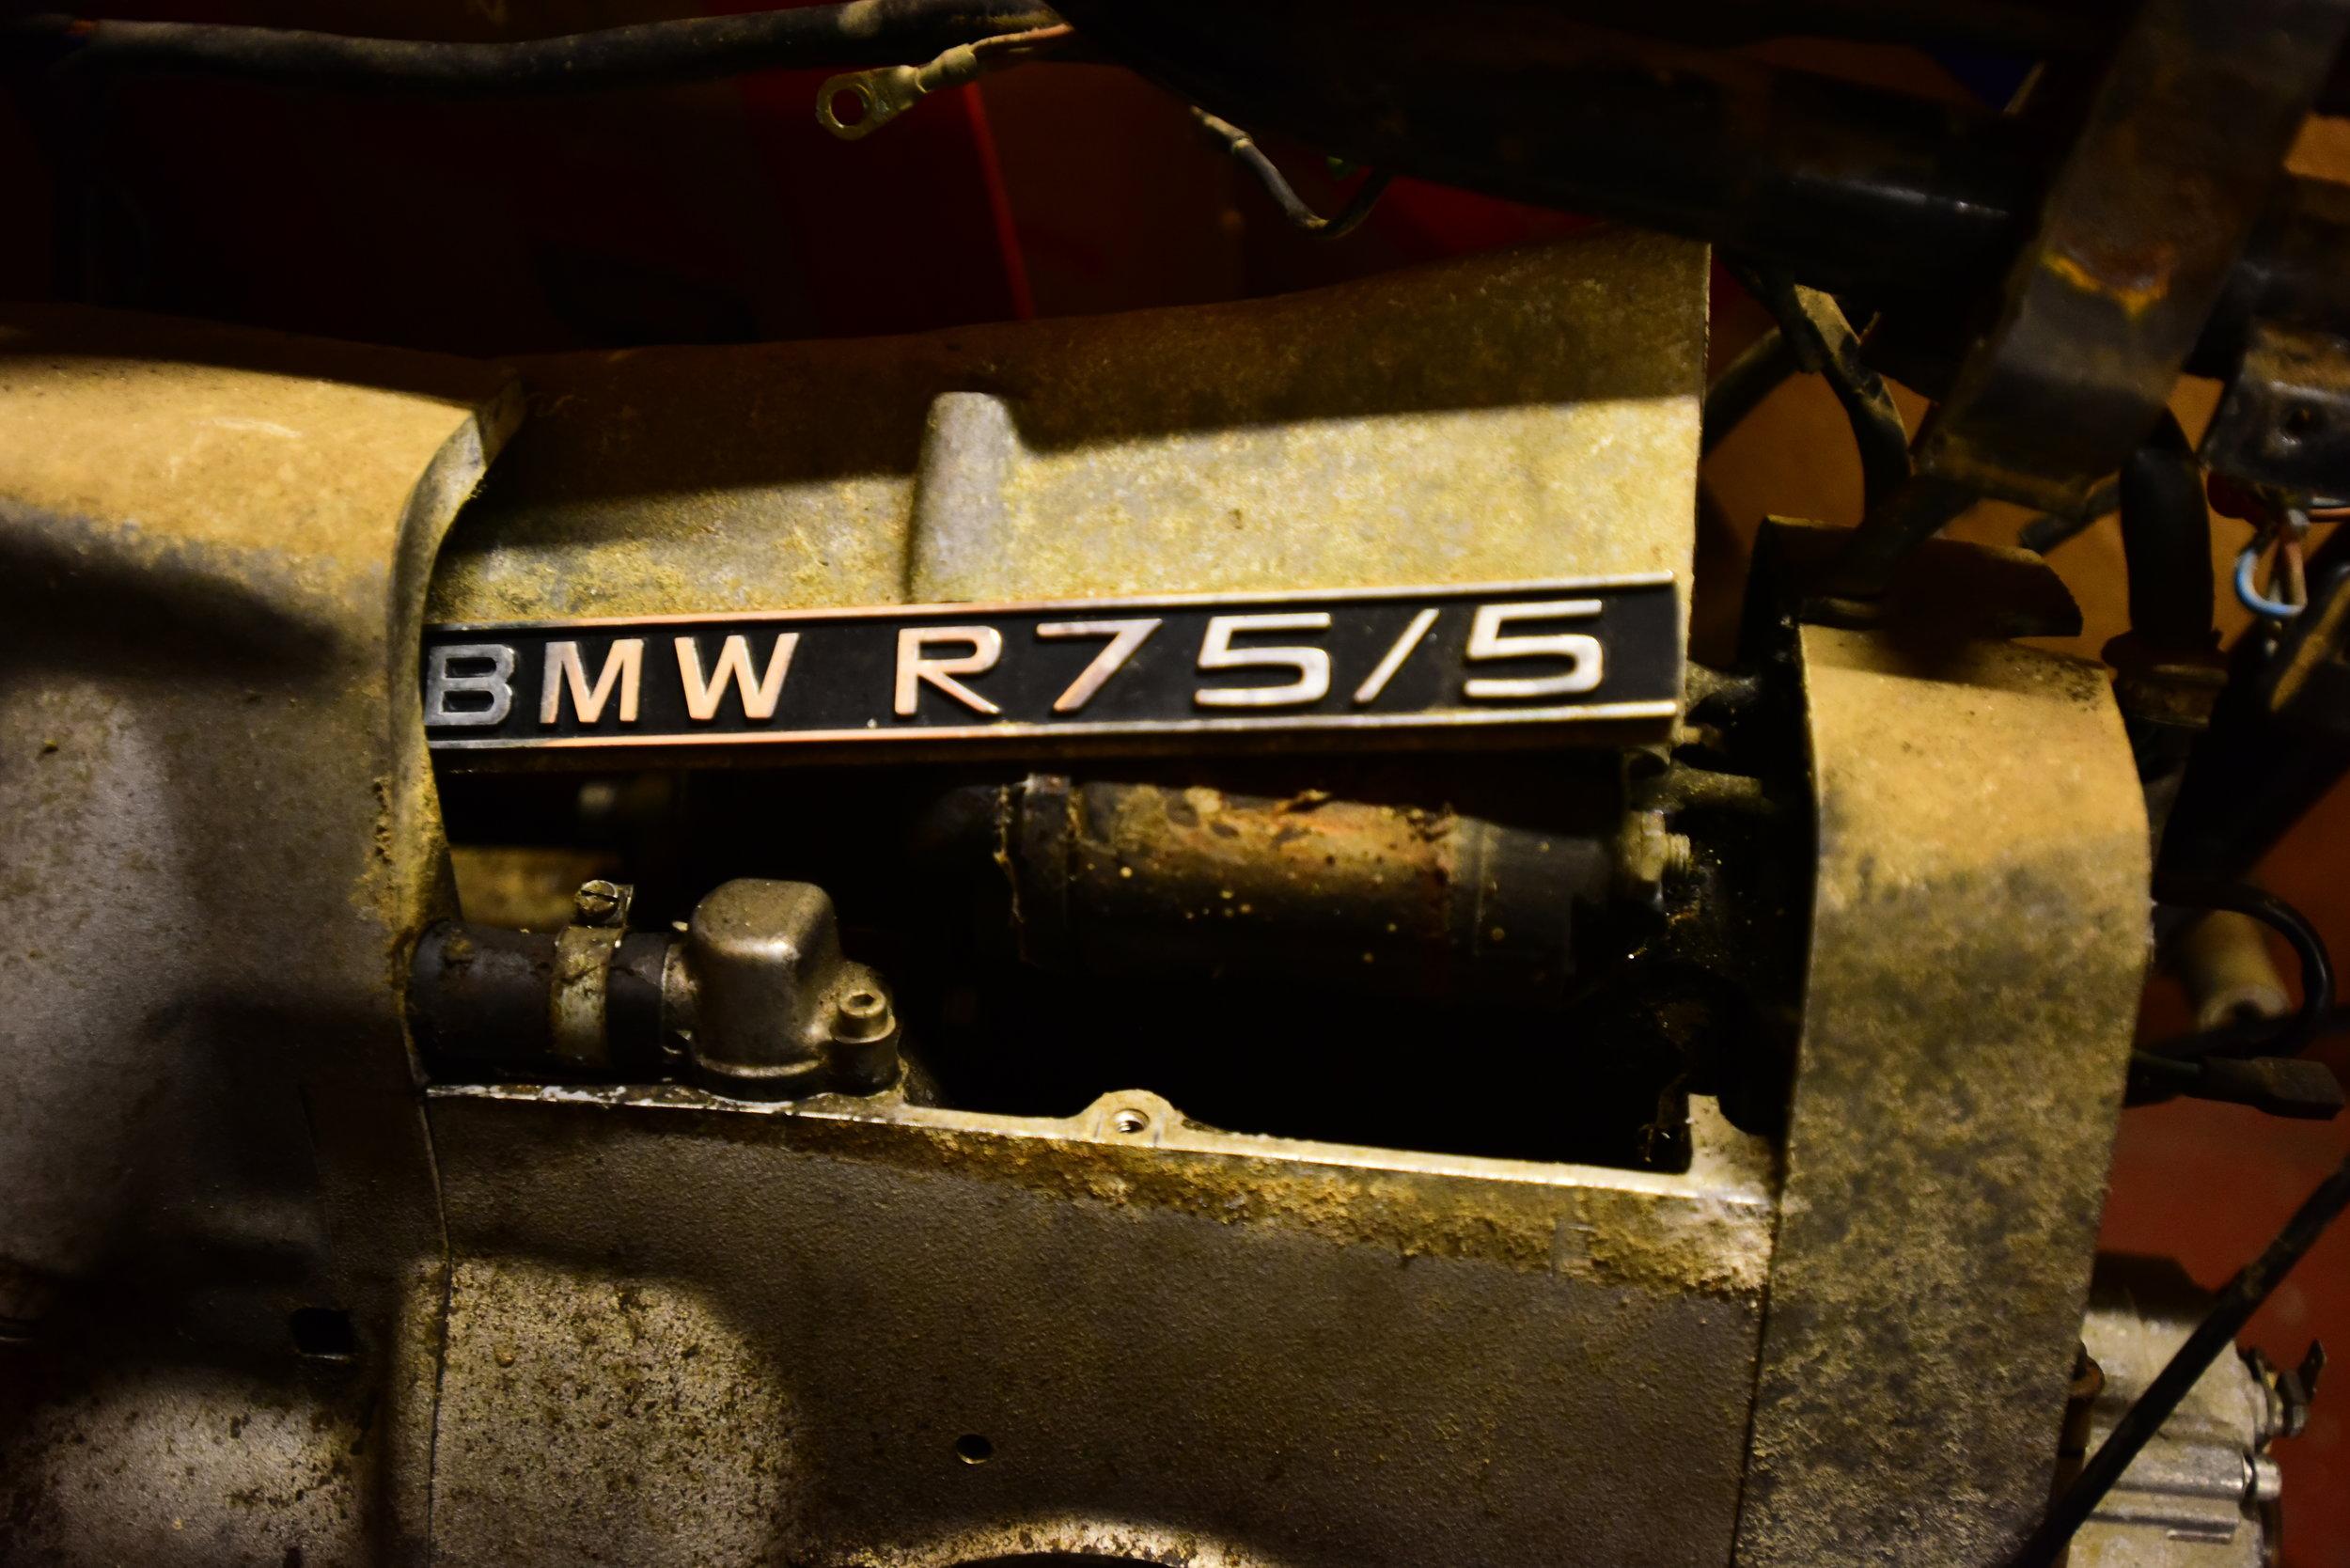 r75_BMW_1.JPG